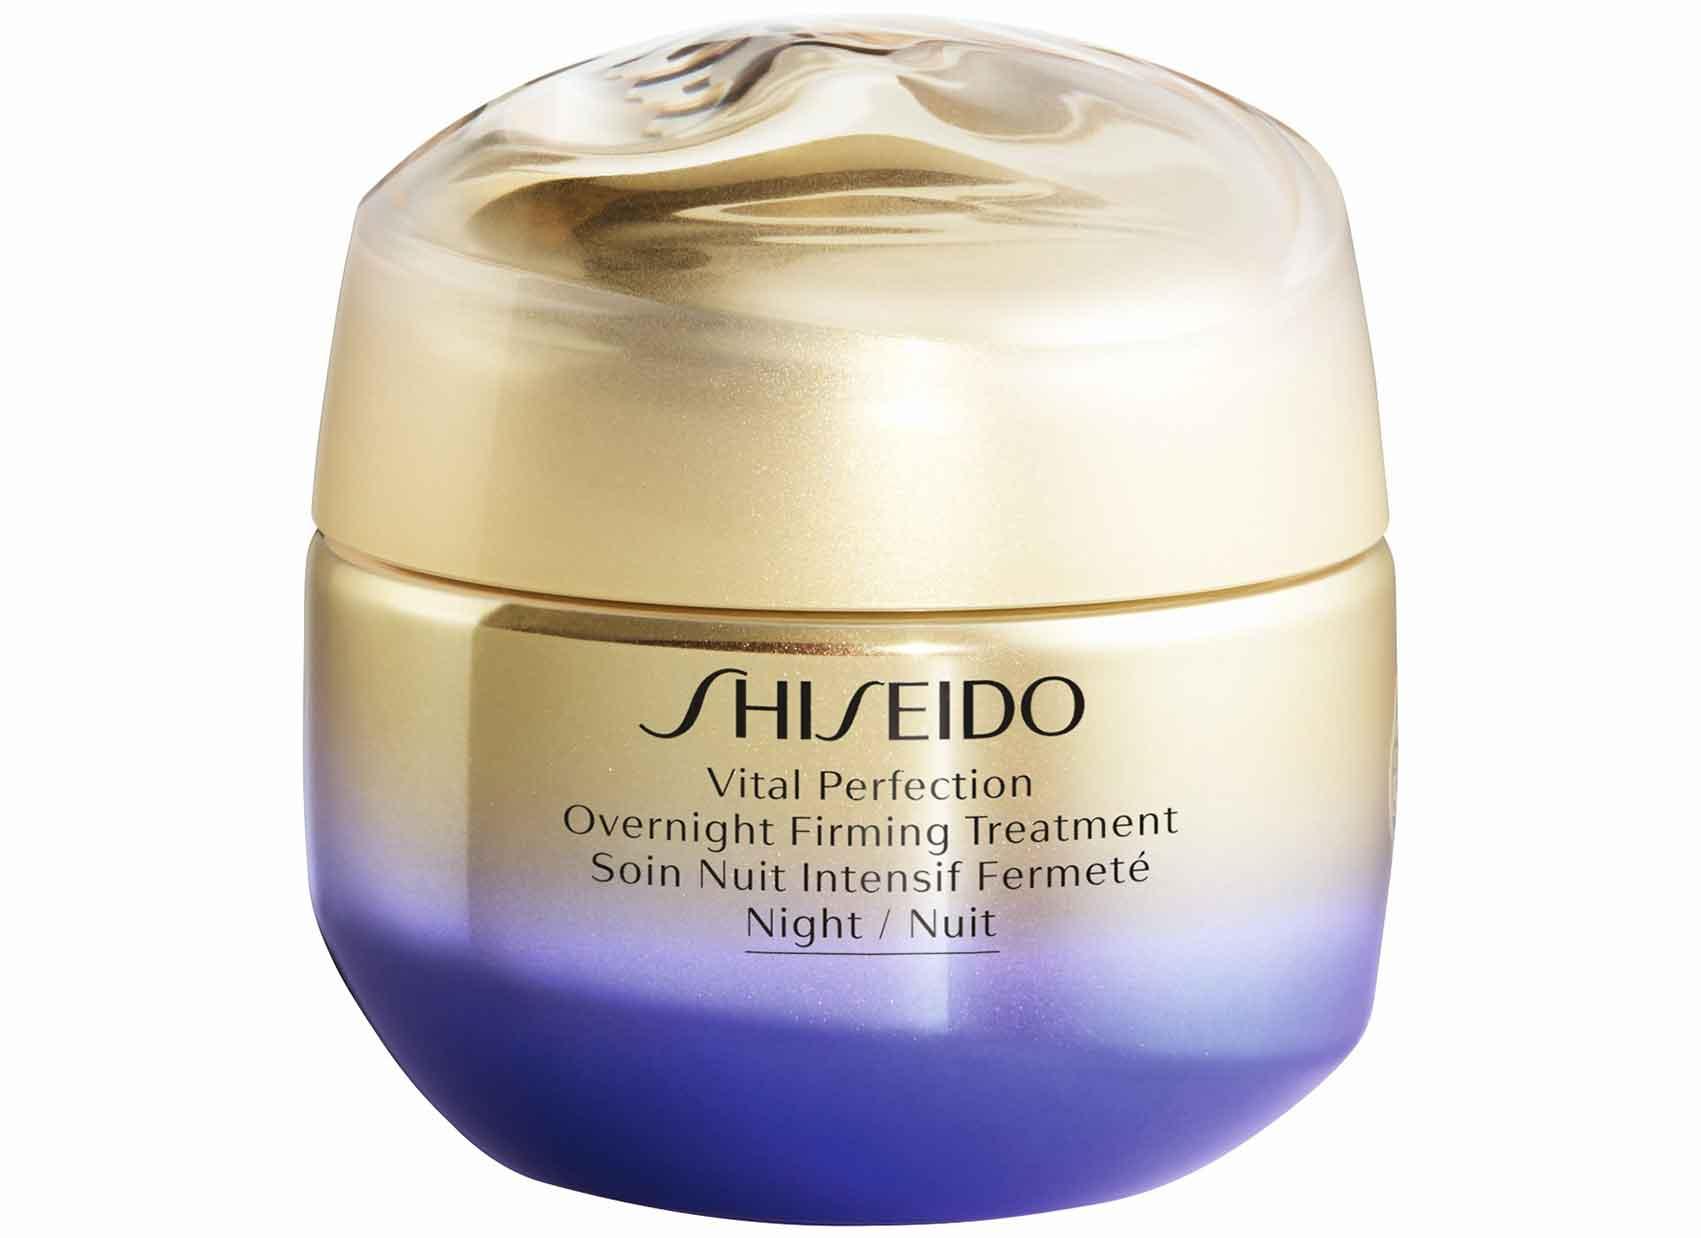 Shiseido-Vital-Perfection-Overnight-Firming-Treatmen-ביוטי